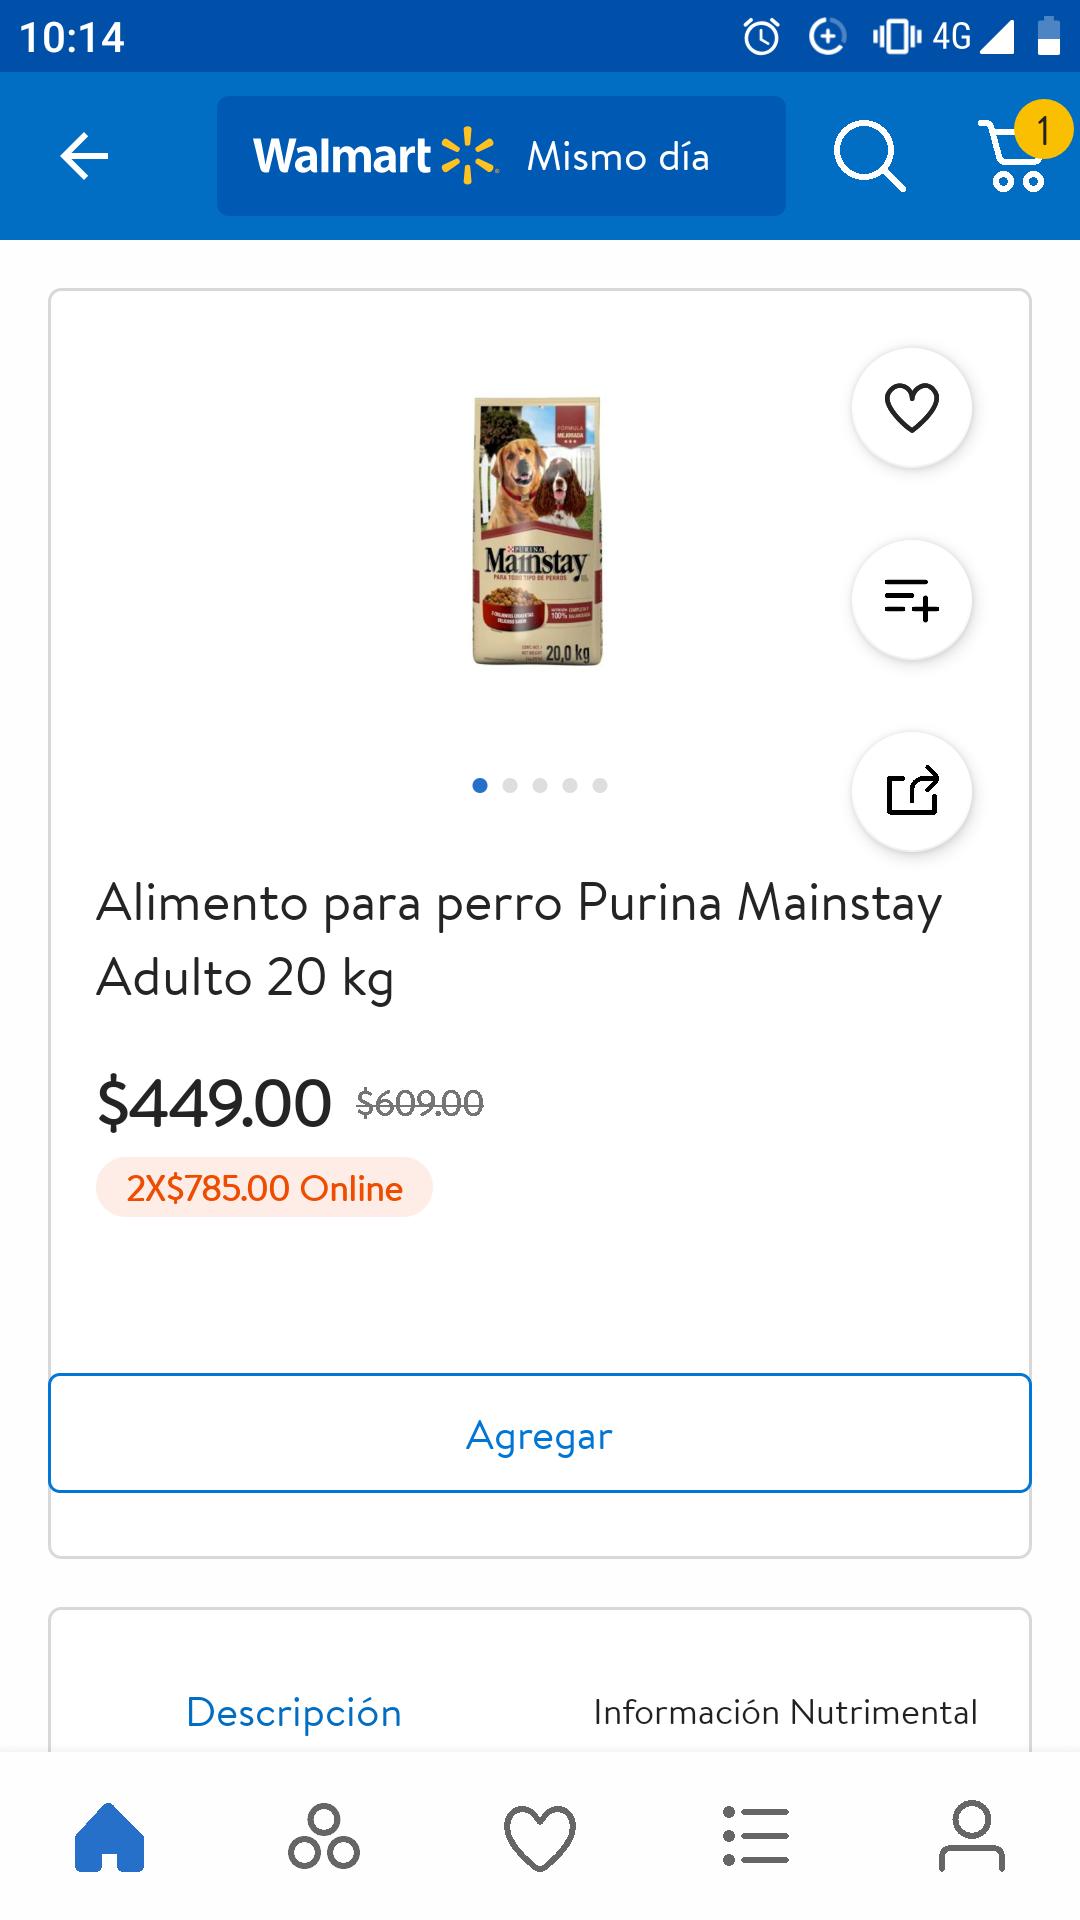 Walmart: Croquetas para perro Purina Mainstay Adulto 20 kg 2x$785